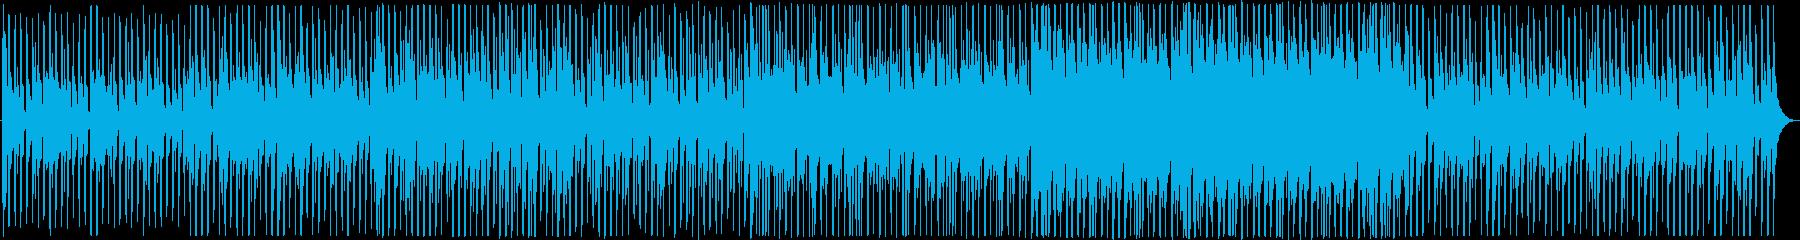 攻撃。ロックとエレトロ。速い。の再生済みの波形